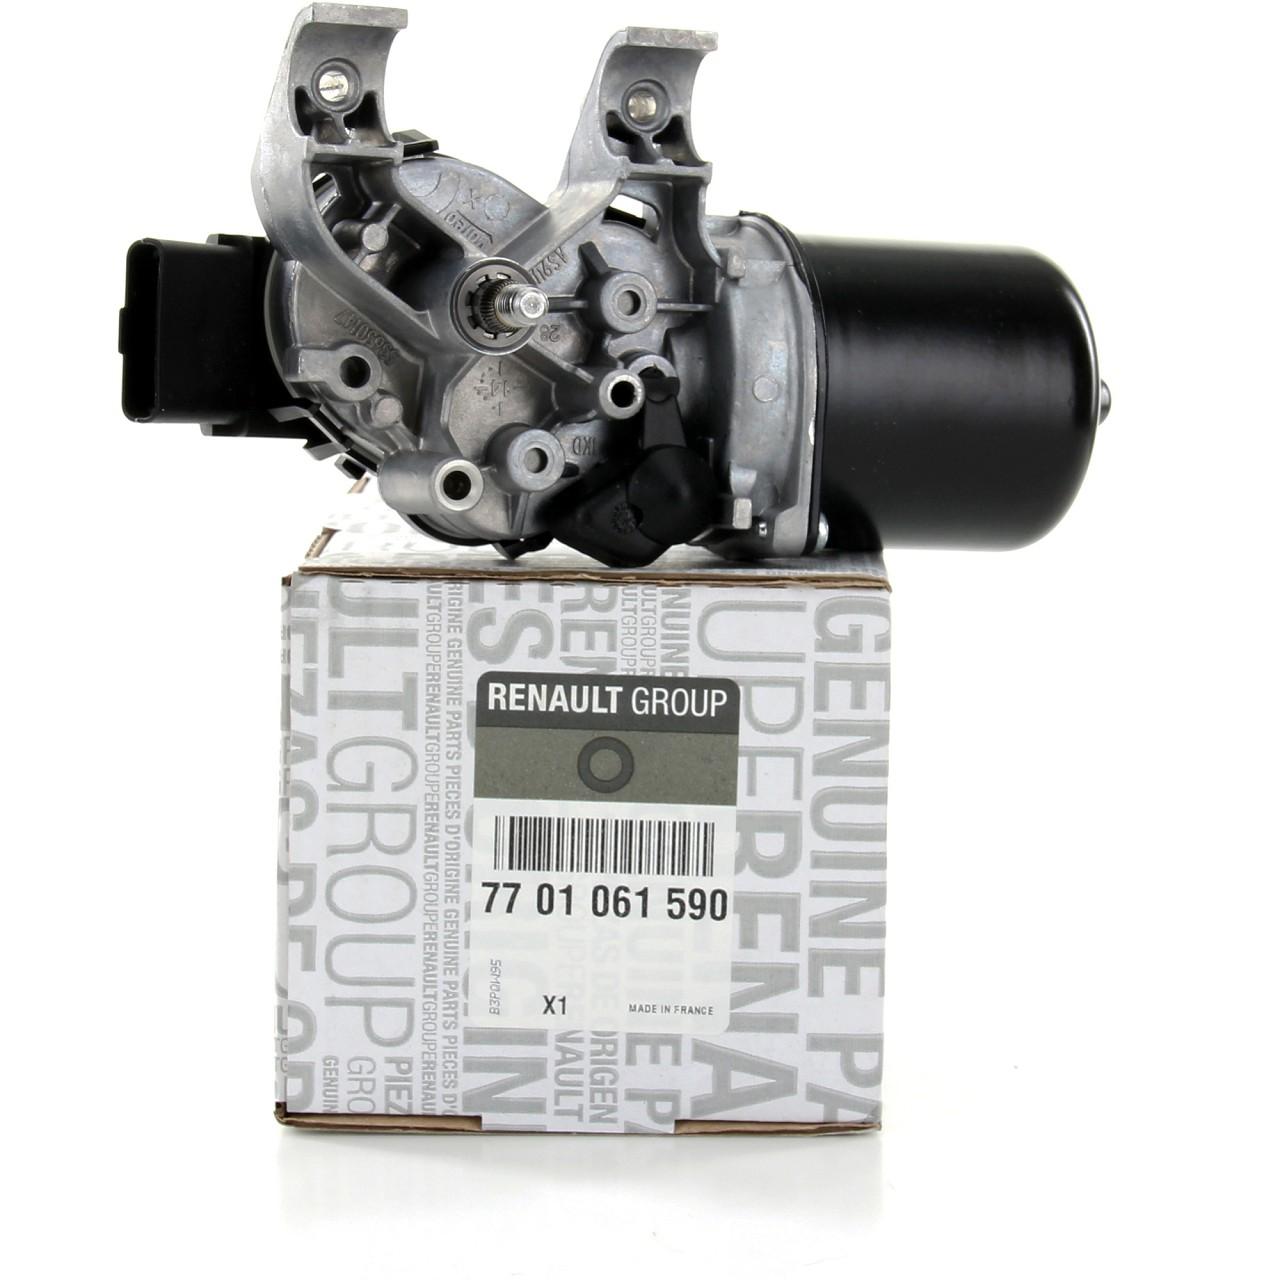 ORIGINAL Renault Frontwischermotor Wischermotor Clio III vorne 7701061590